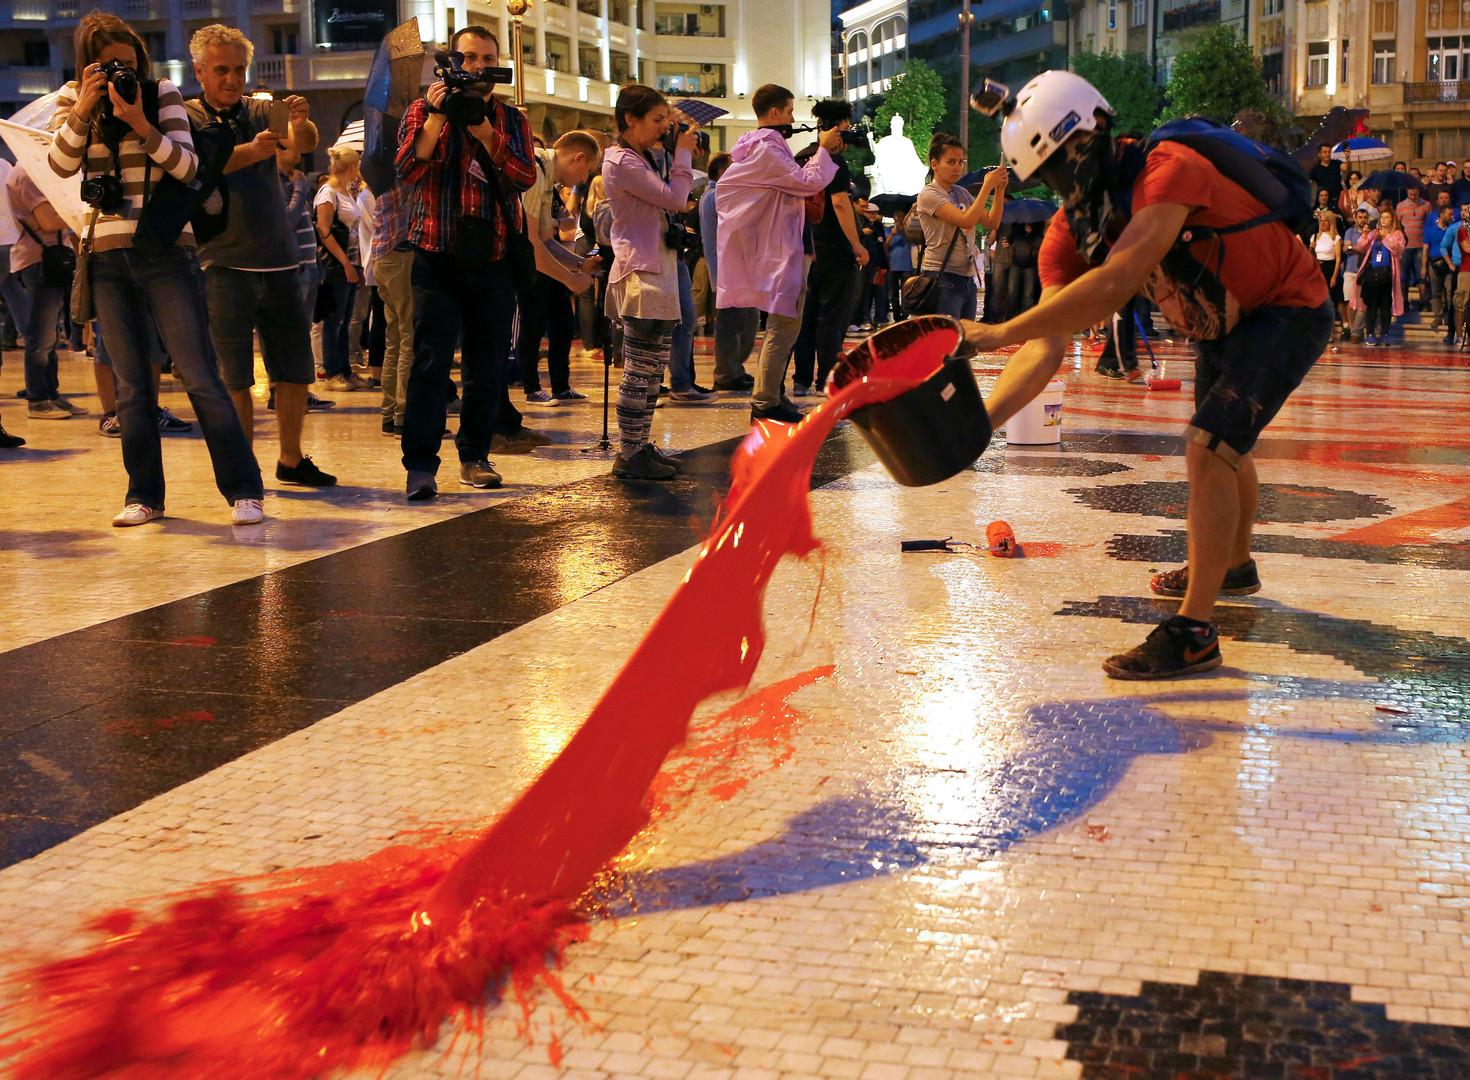 Протестующие заливают красной краской площадь в центре Скопье.